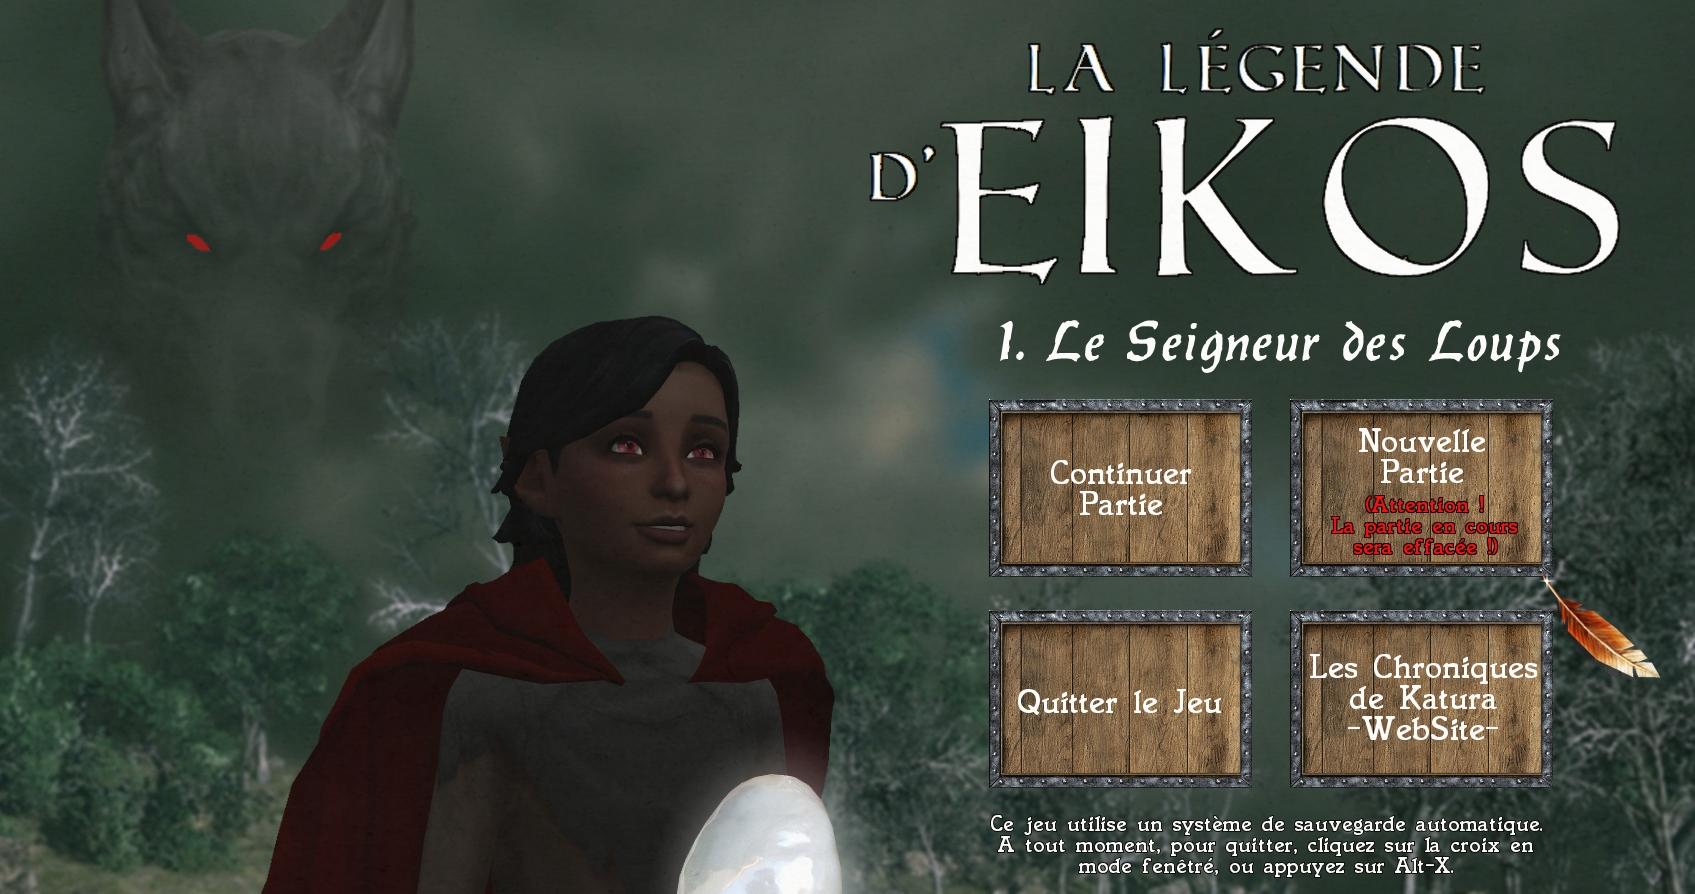 LA LEGENDE D'EIKOS – Le Seigneur des Loups